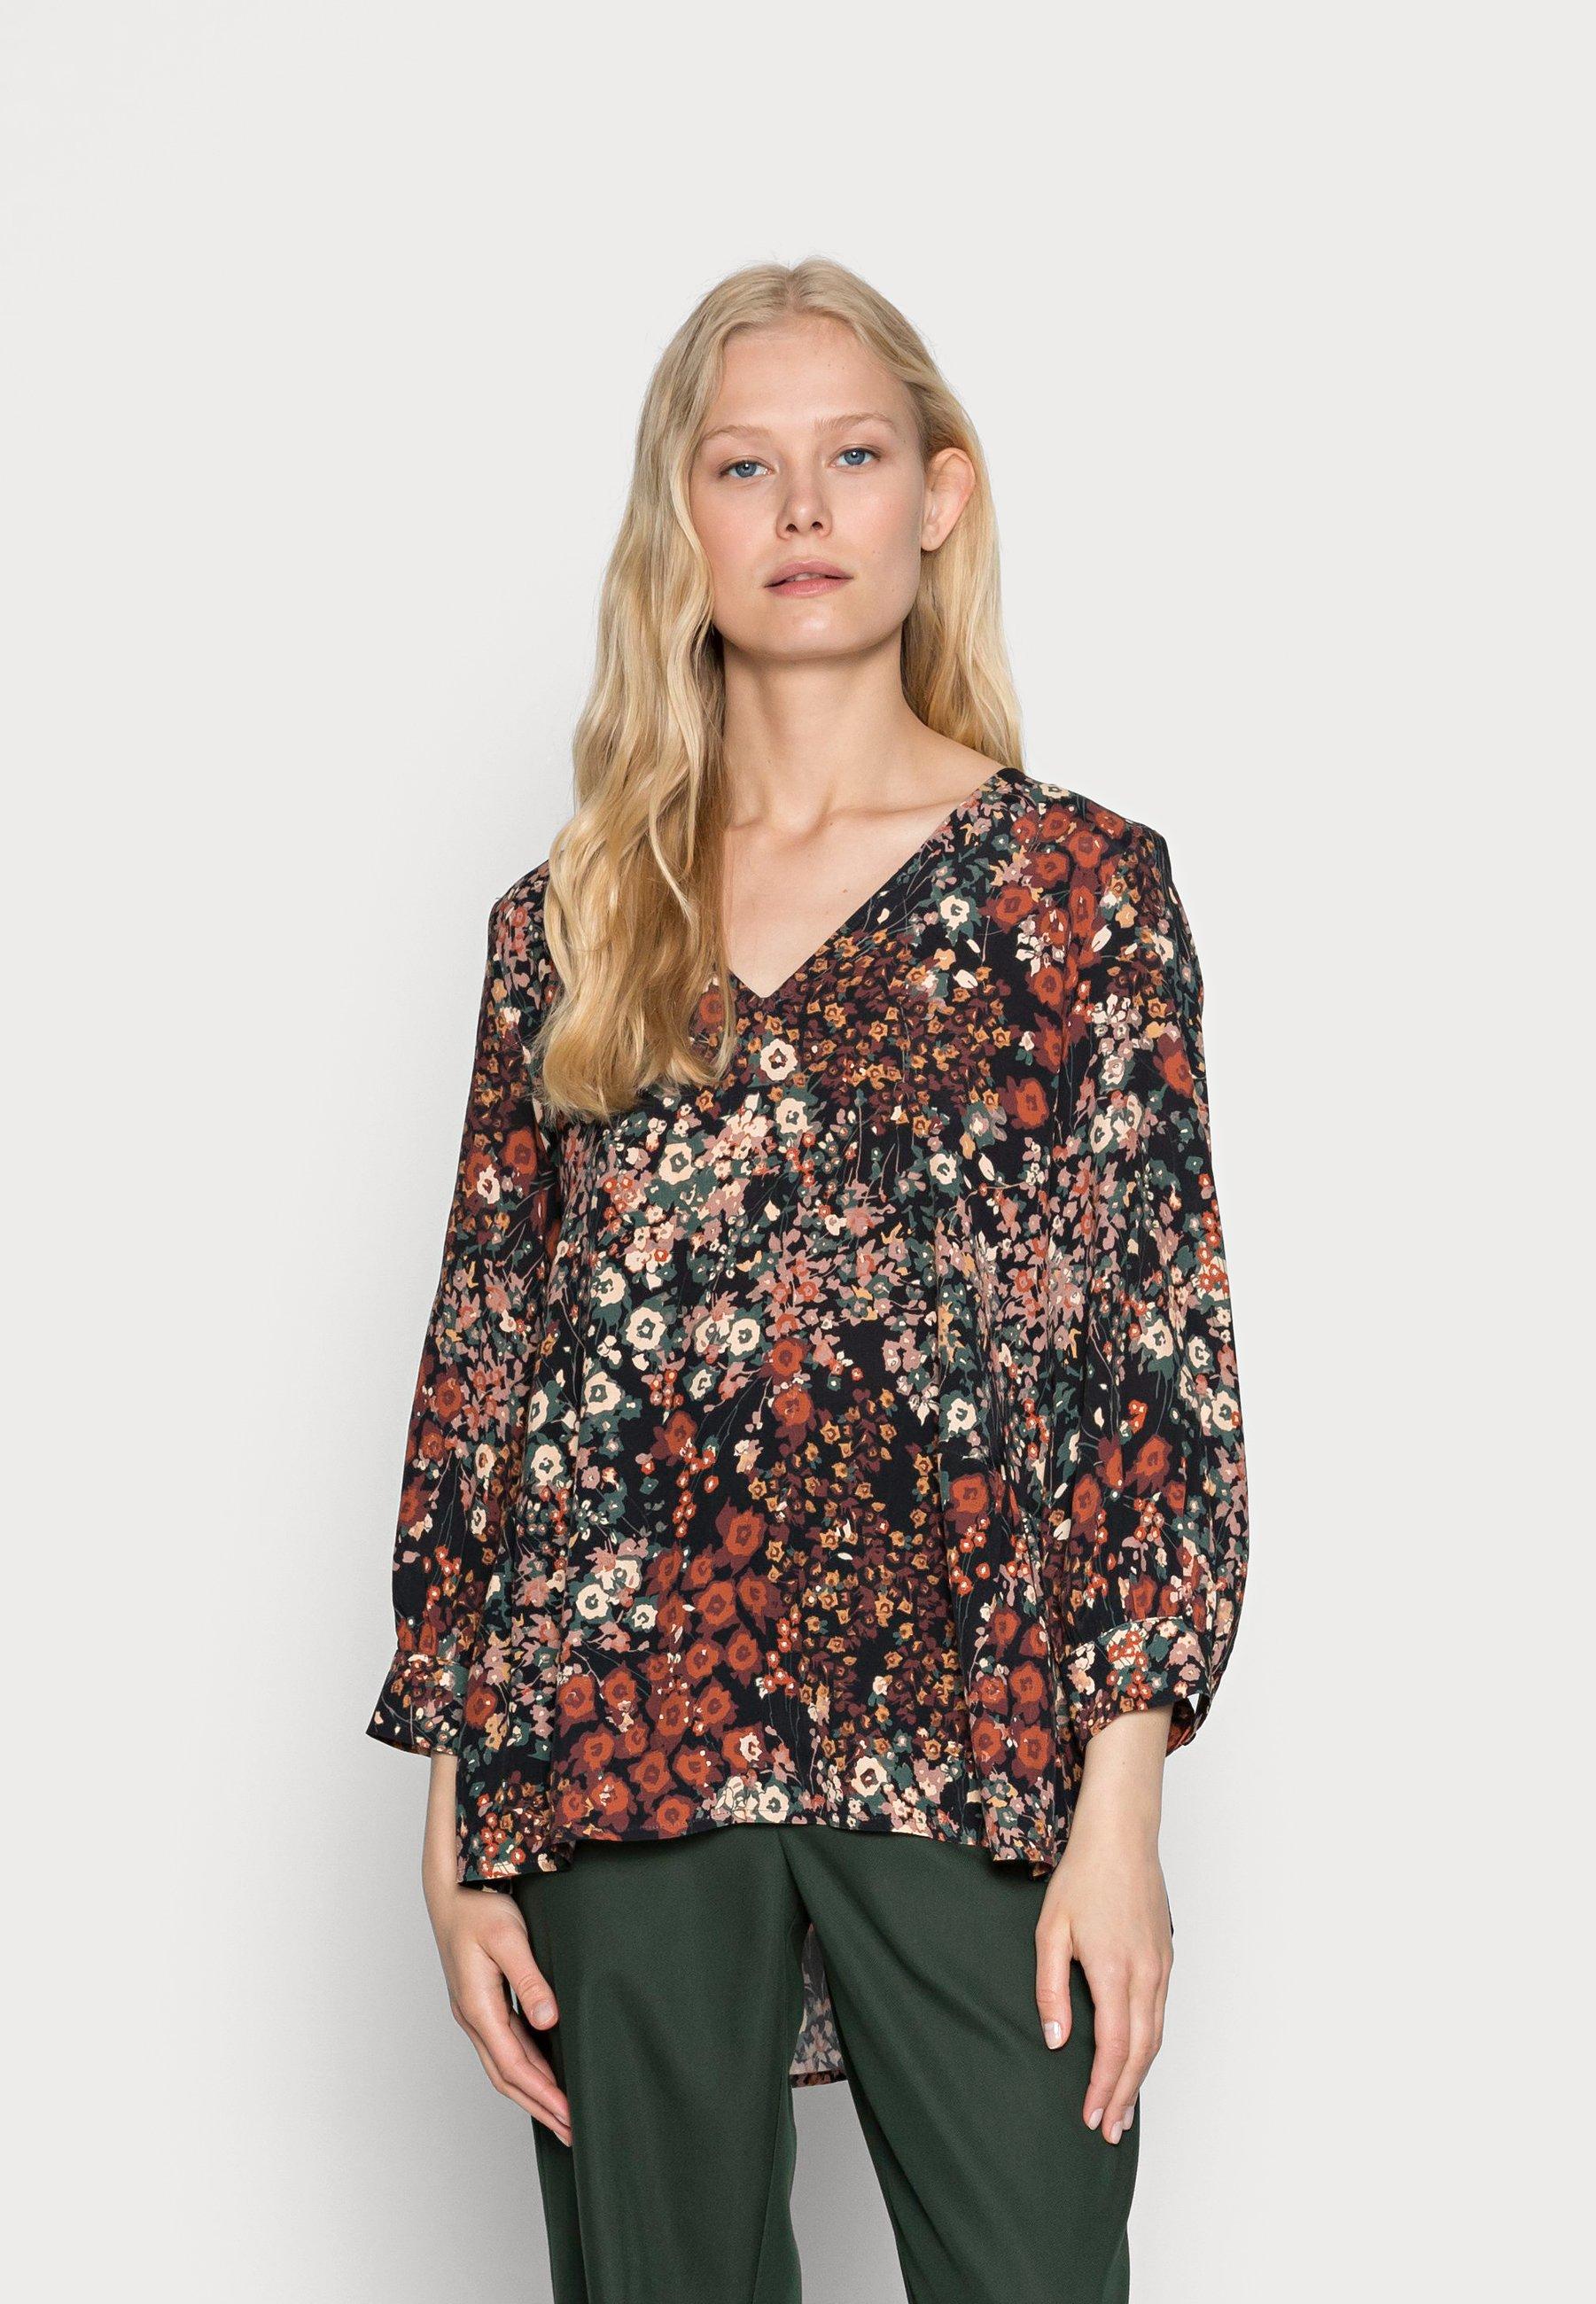 Women FLOWER BLOUSE - Long sleeved top - black